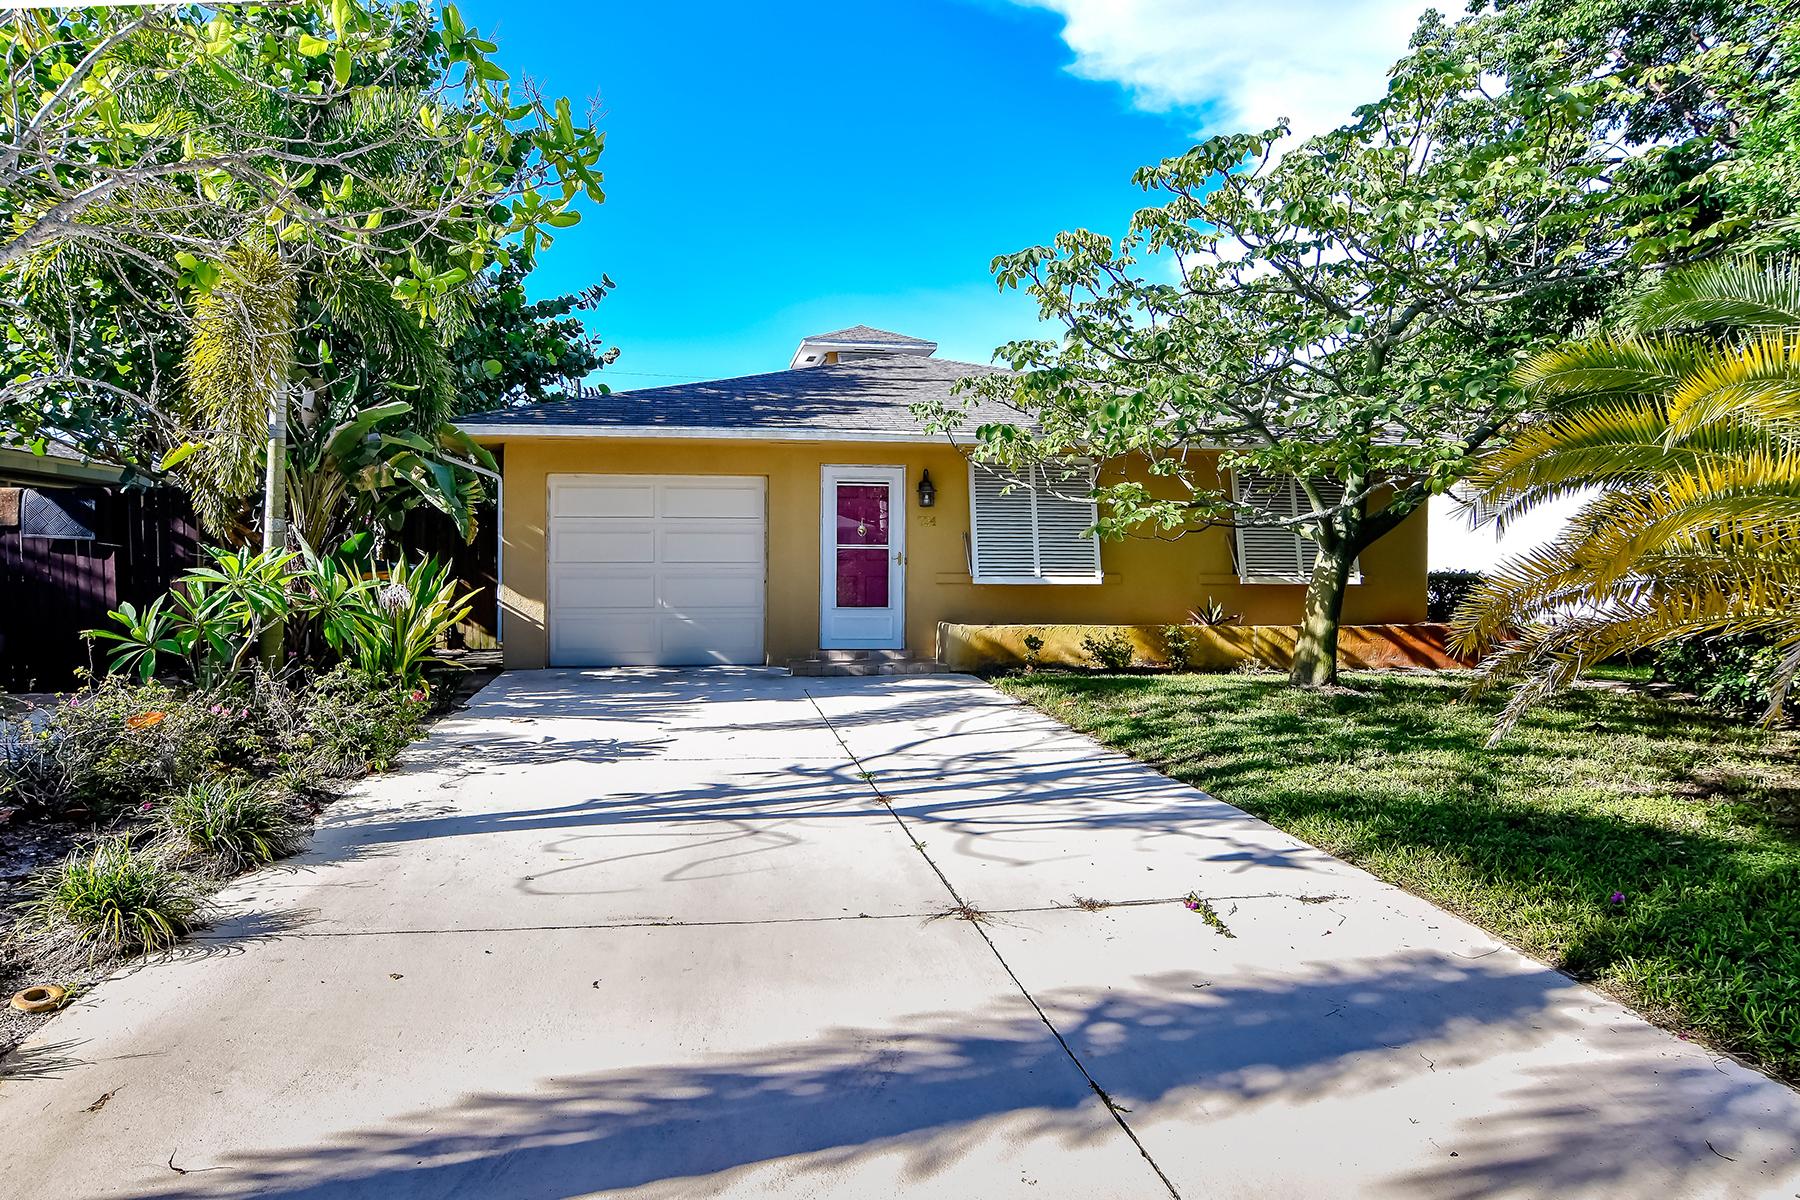 Casa Unifamiliar por un Venta en NAPLES PARK-NAPLES PARK 724 94th Ave N Naples, Florida 34108 Estados Unidos